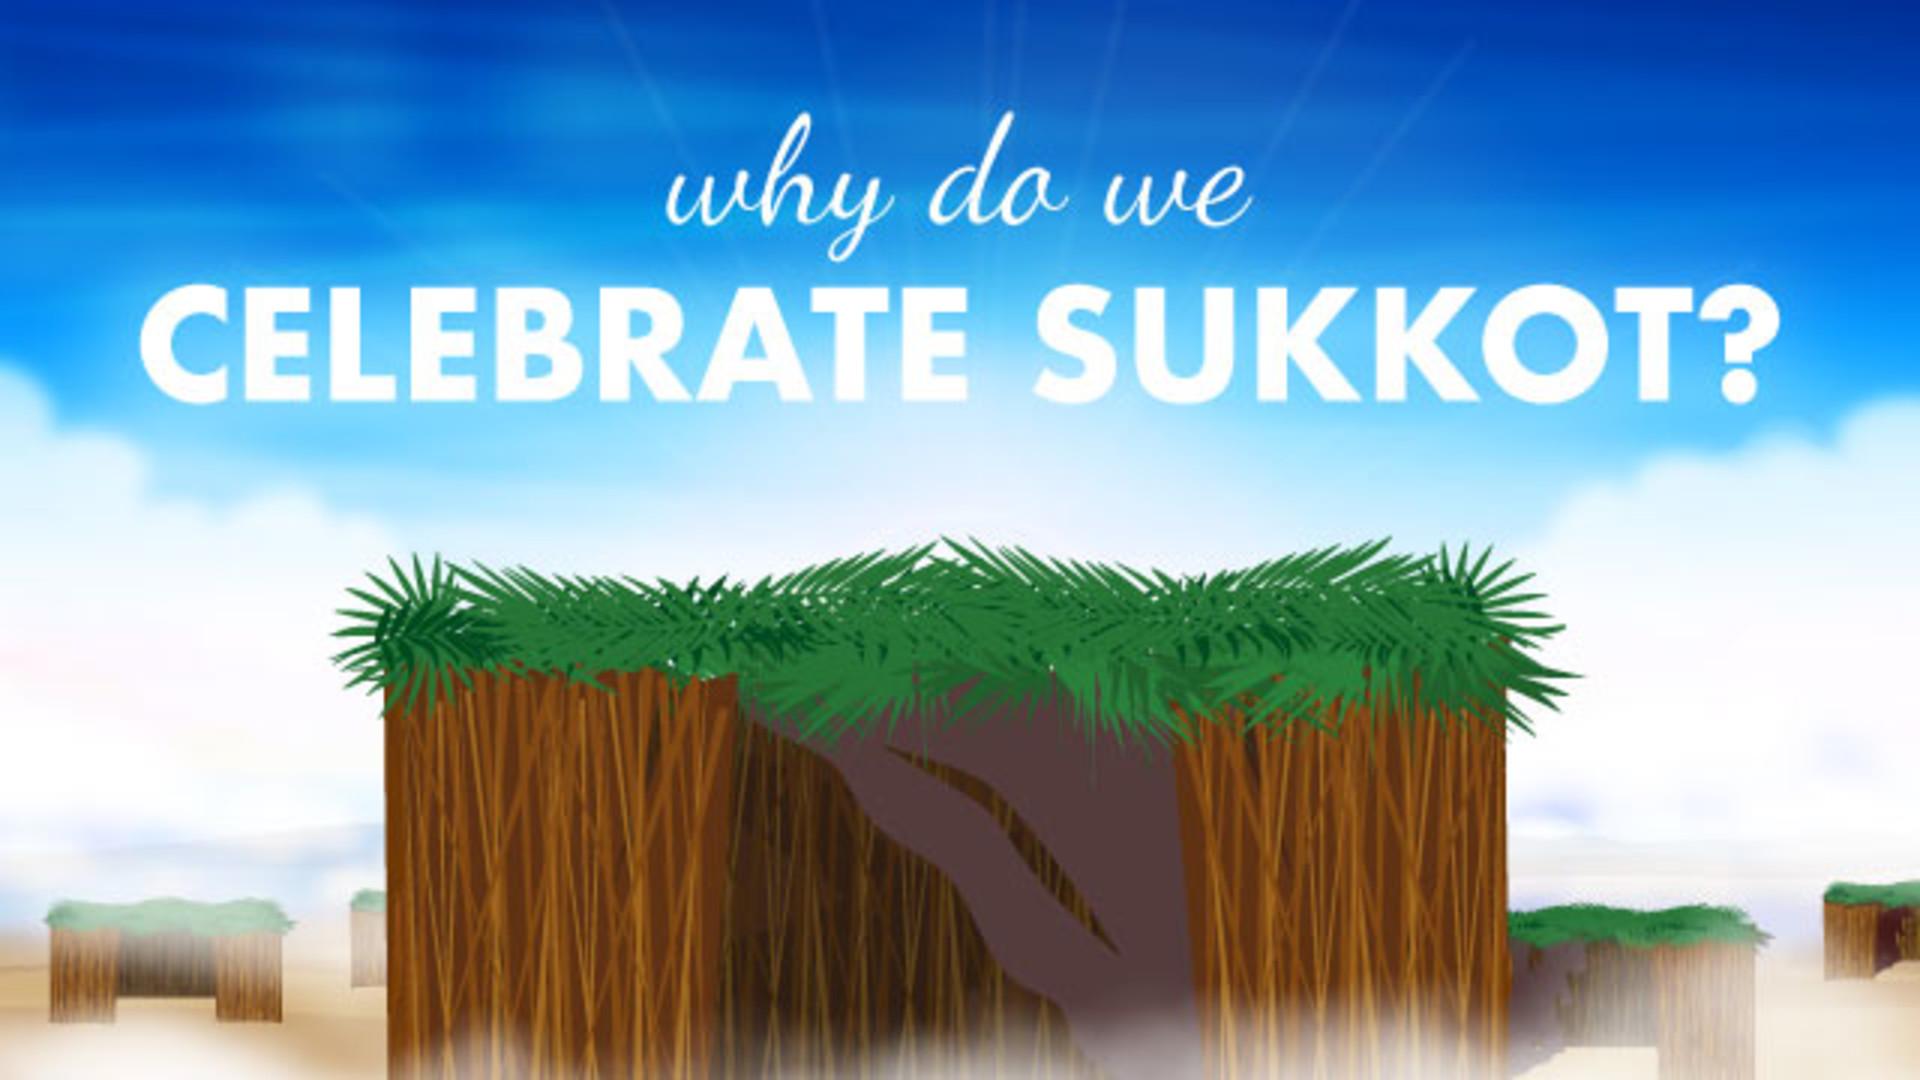 Why celebrate Sukkot